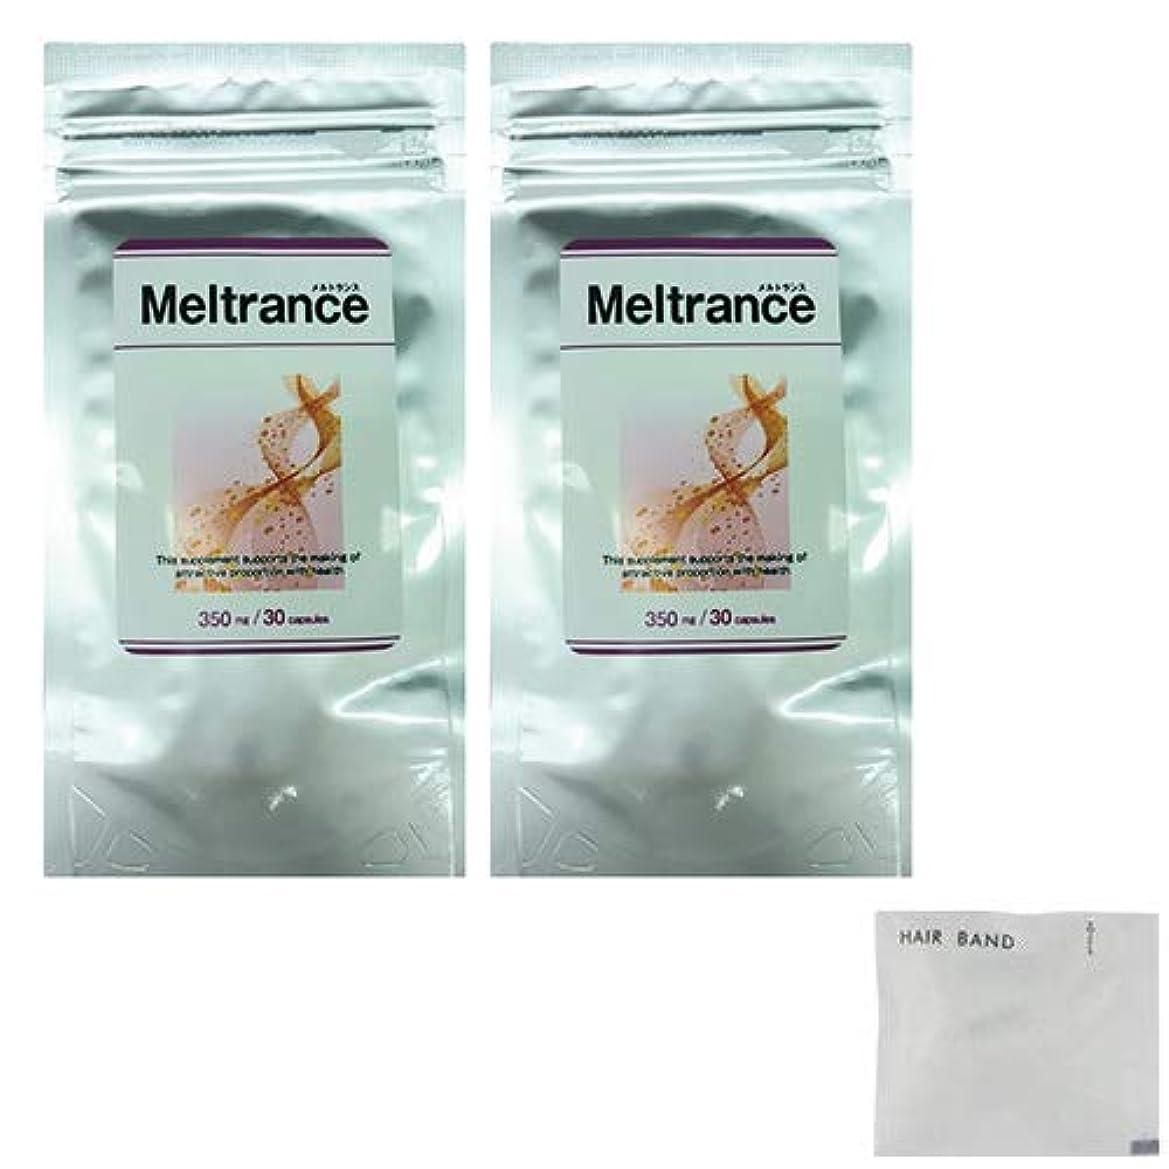 ミュージカル考えた正義メルトランス(Meltrance) サプリメント 30粒×2個 + ヘアゴム(カラーはおまかせ)セット